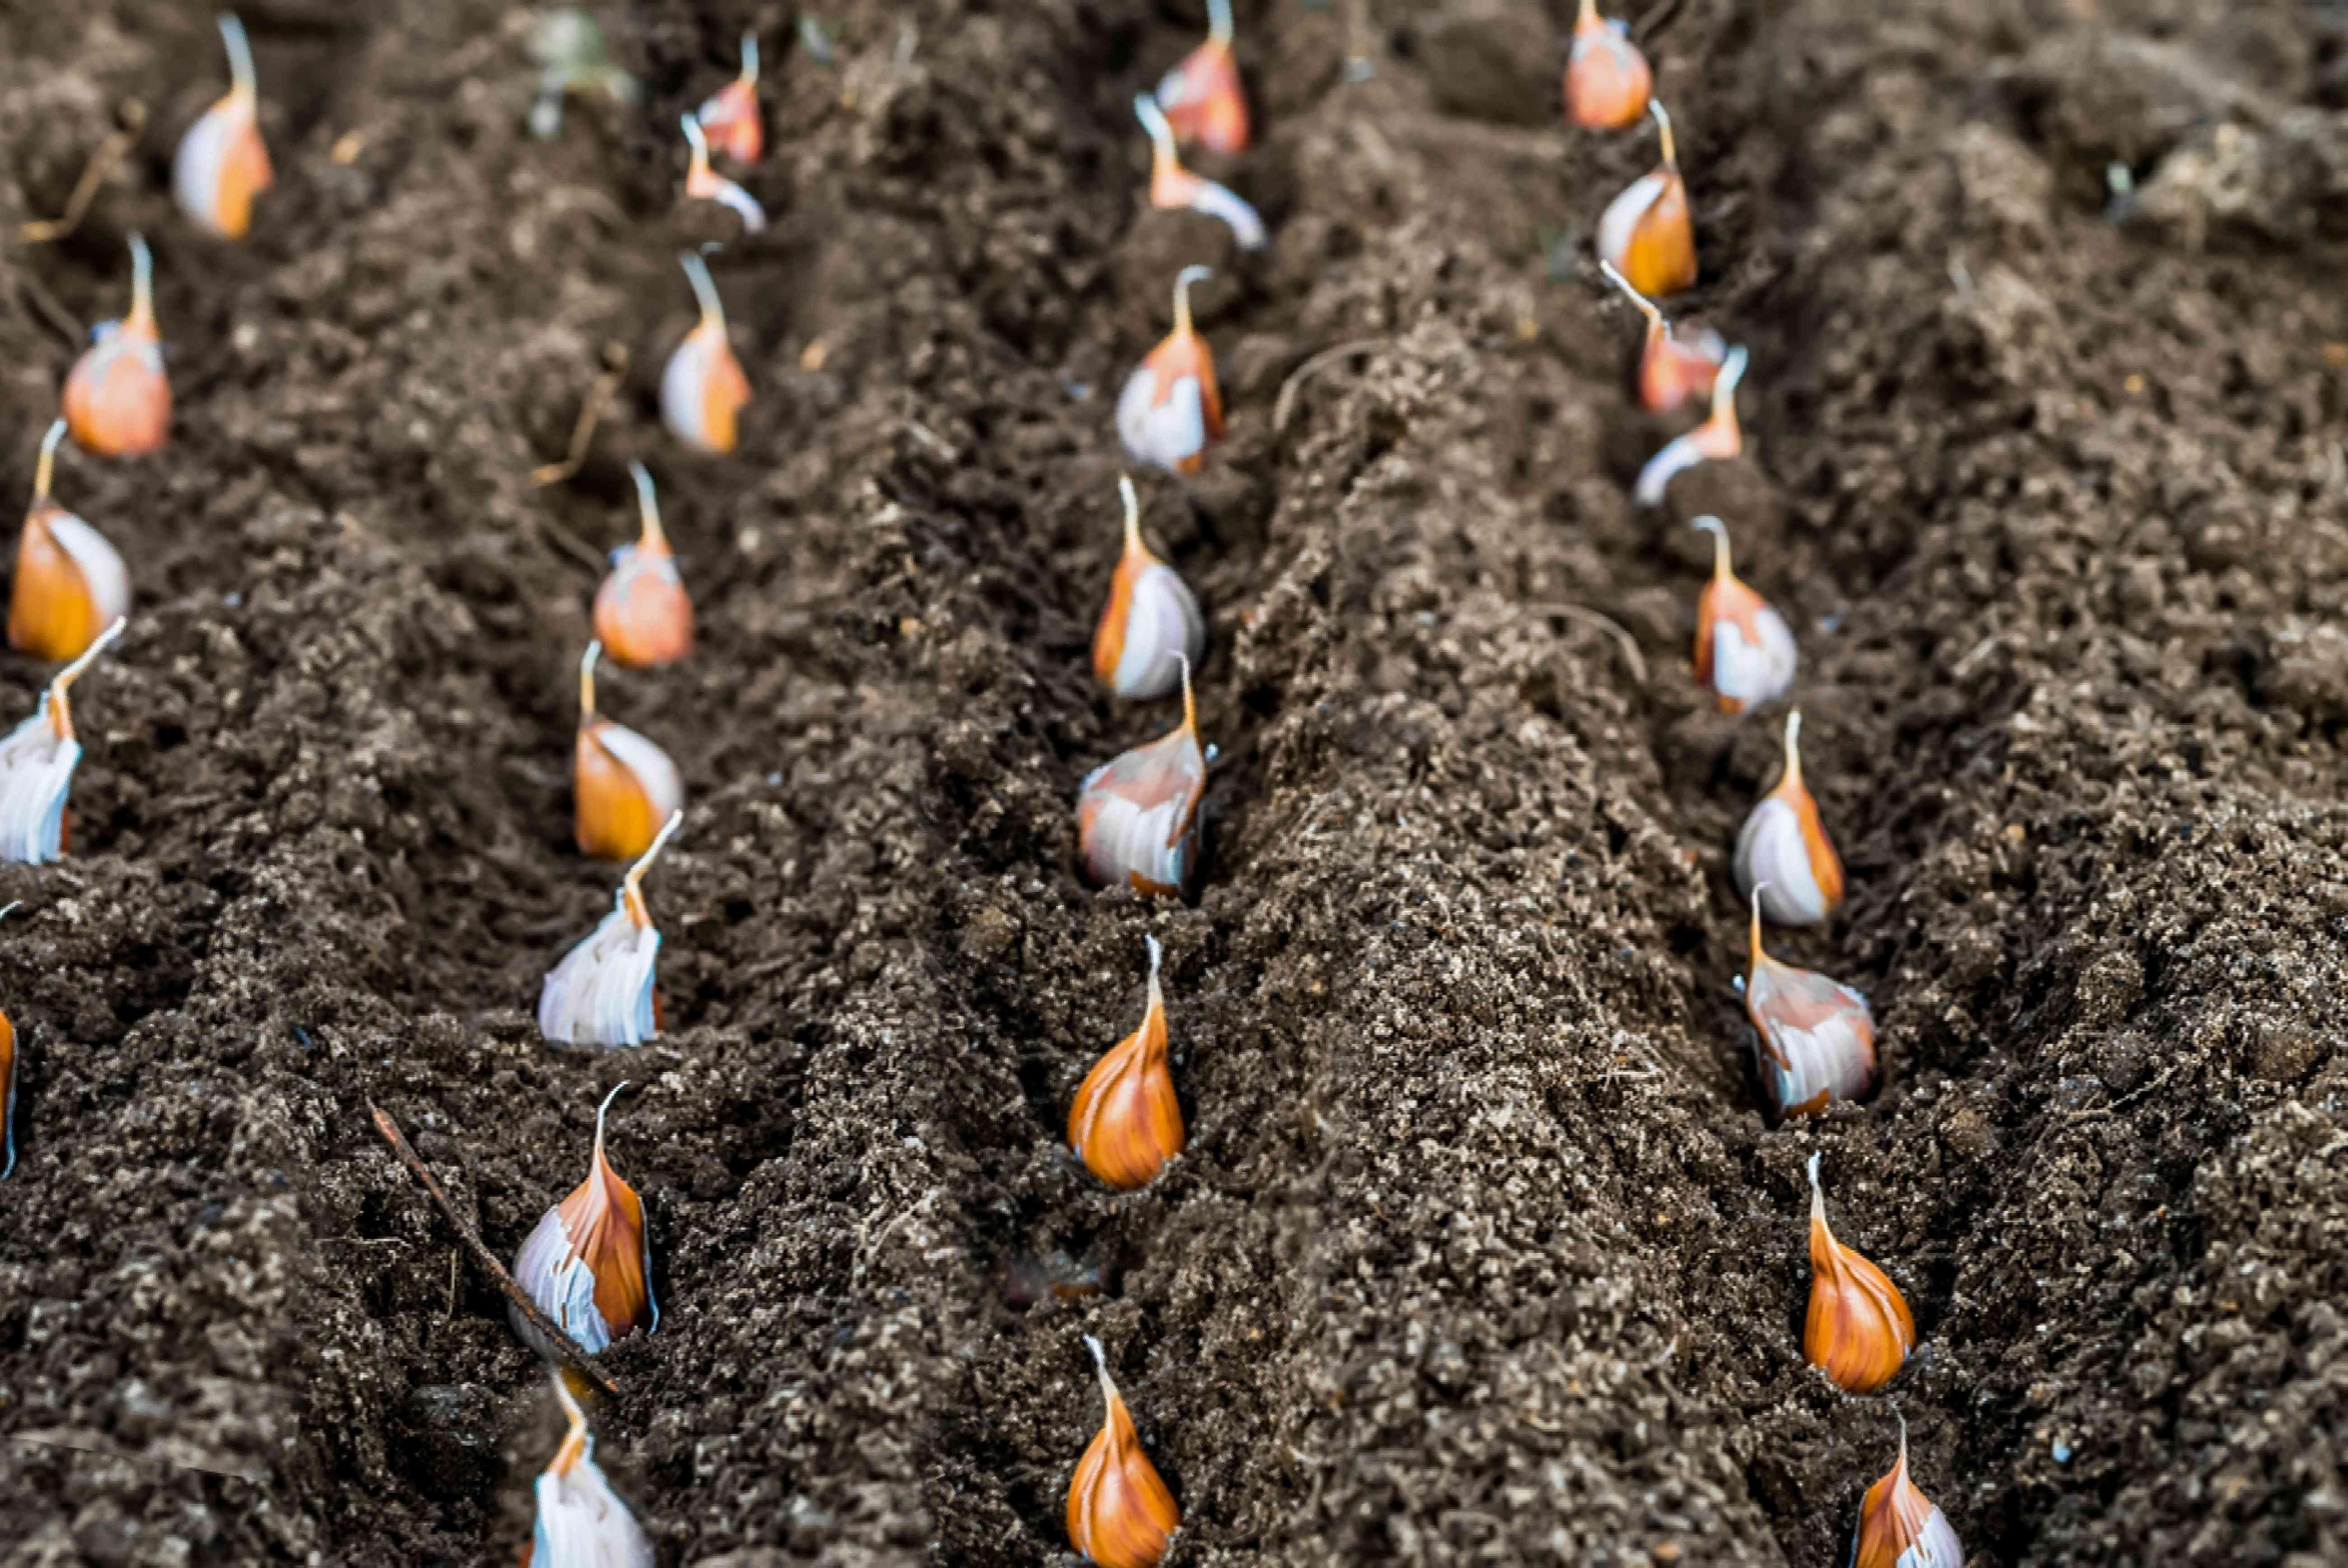 planting cloves of garlic